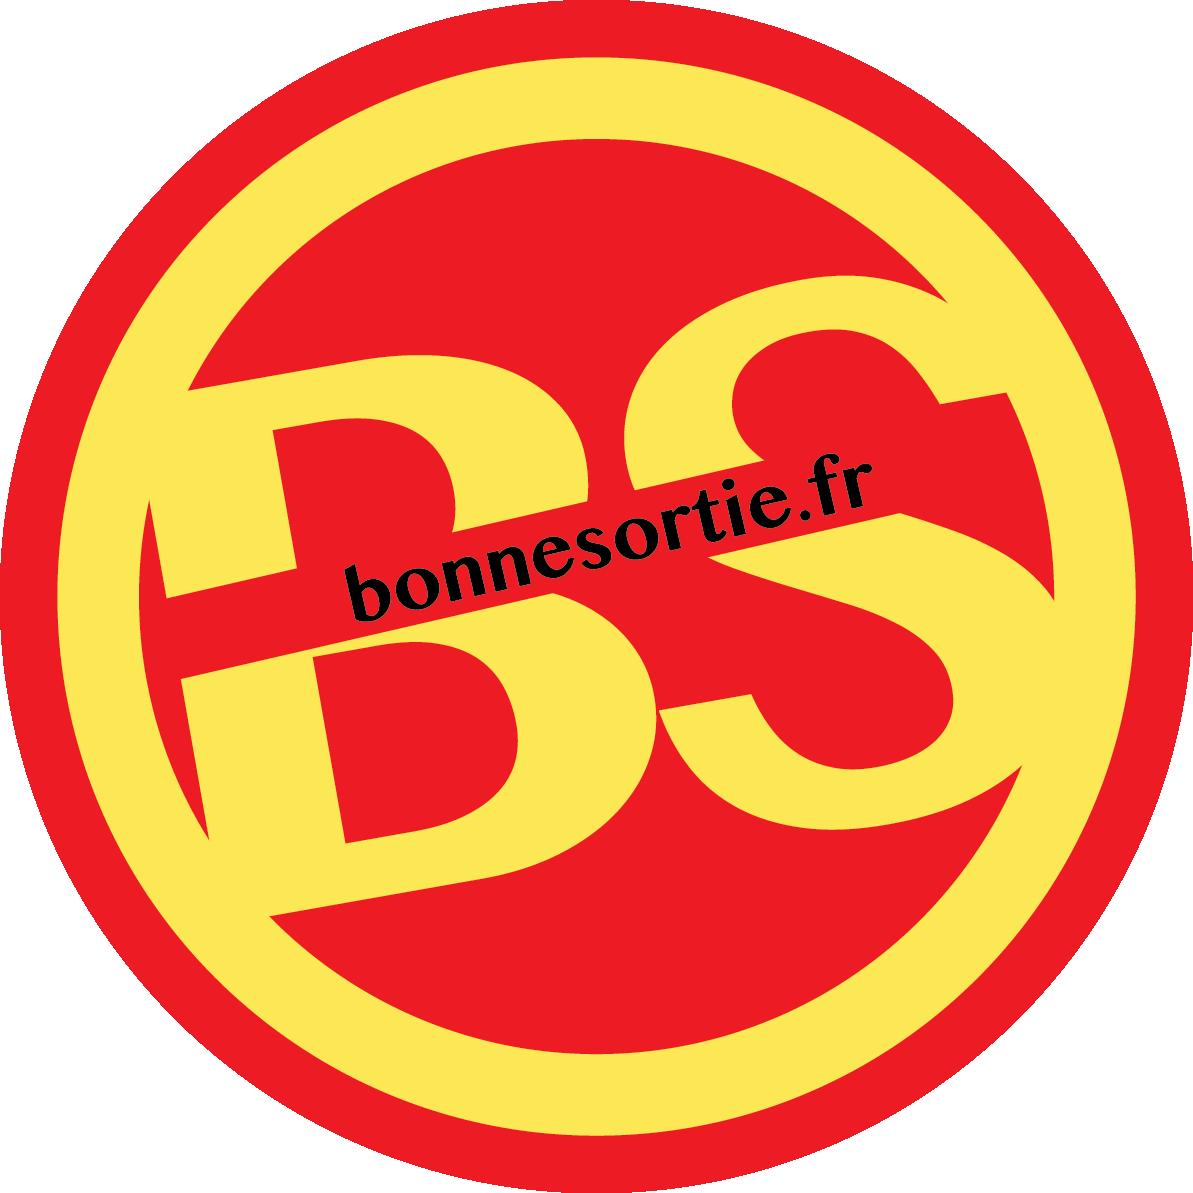 BonneSortie.fr